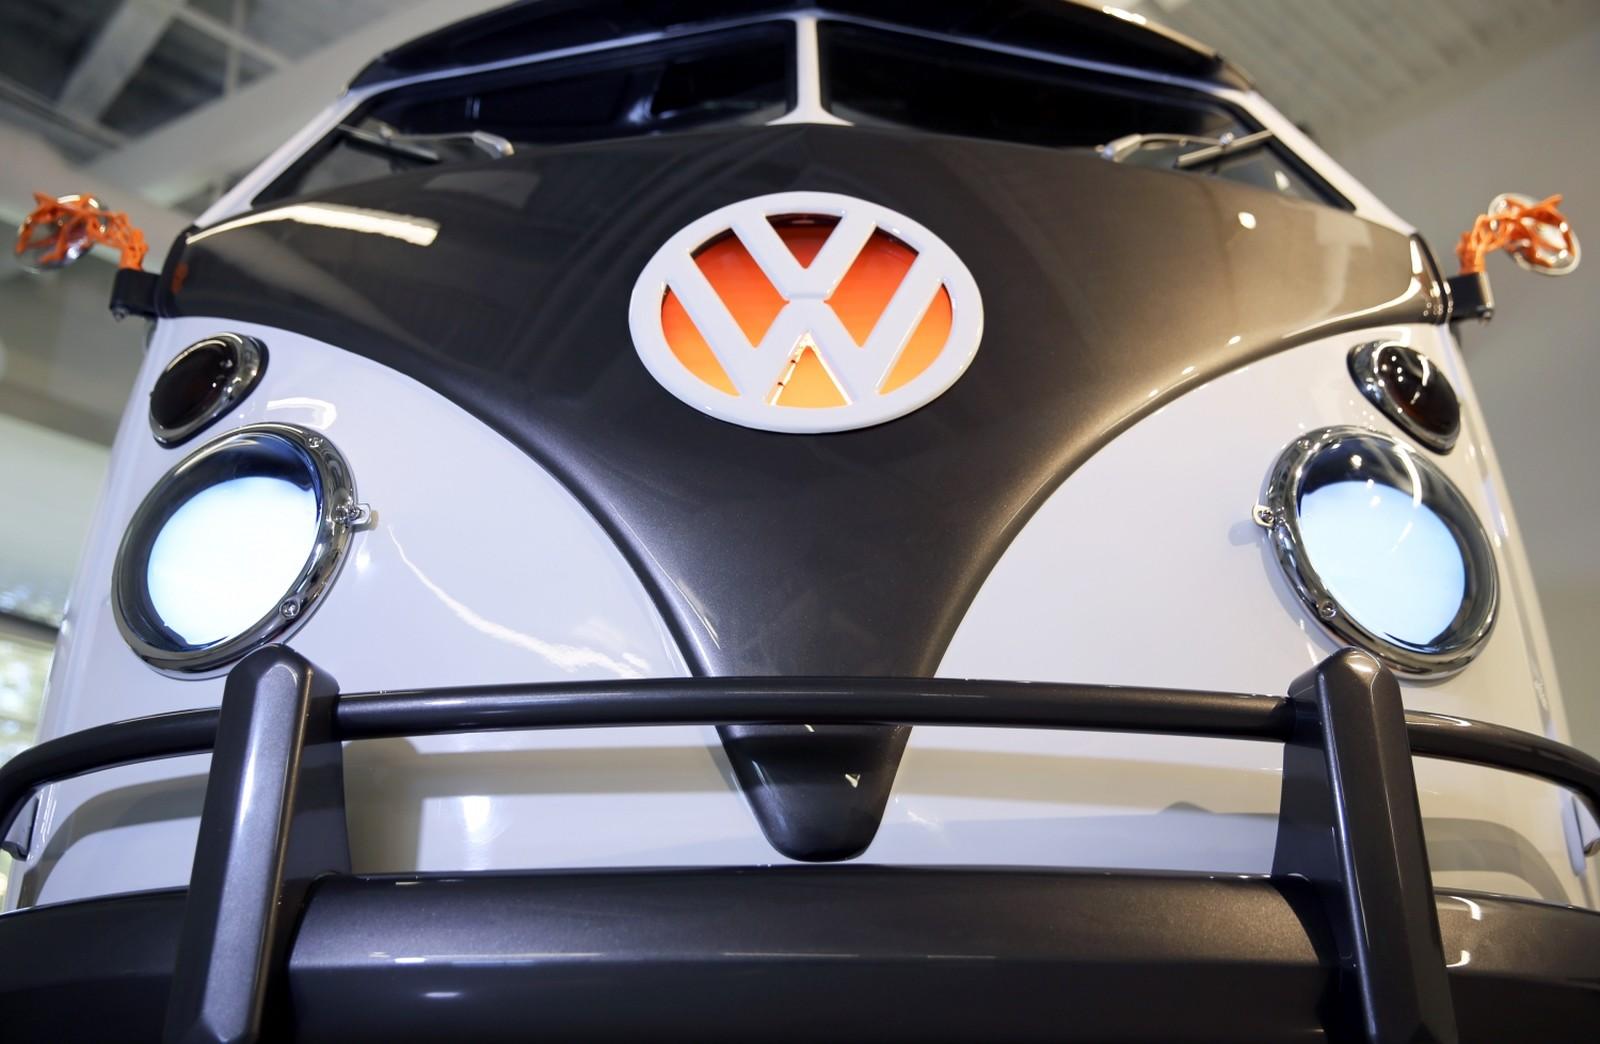 Das klassisches Volkswagen-Design wurde mit neuen Ideen und innovativen Technologien von Kooperationspartnern wie Autodesk kombiniert.